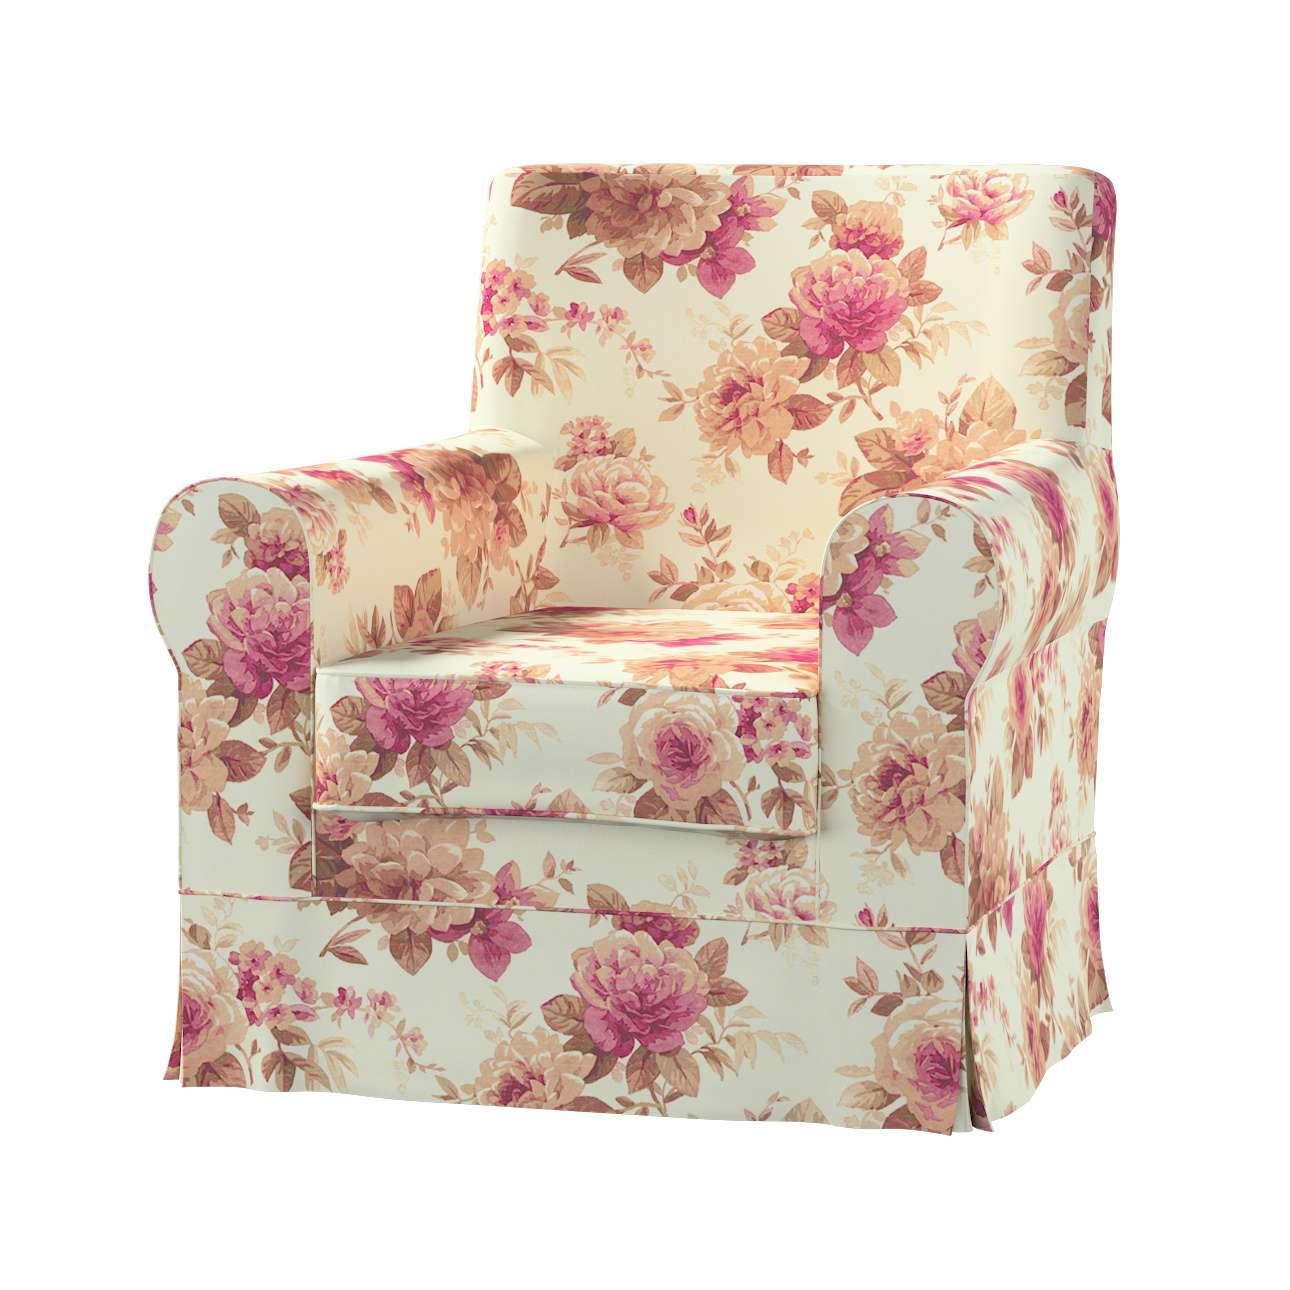 Pokrowiec na fotel Ektorp Jennylund Fotel Ektorp Jennylund w kolekcji Mirella, tkanina: 141-06